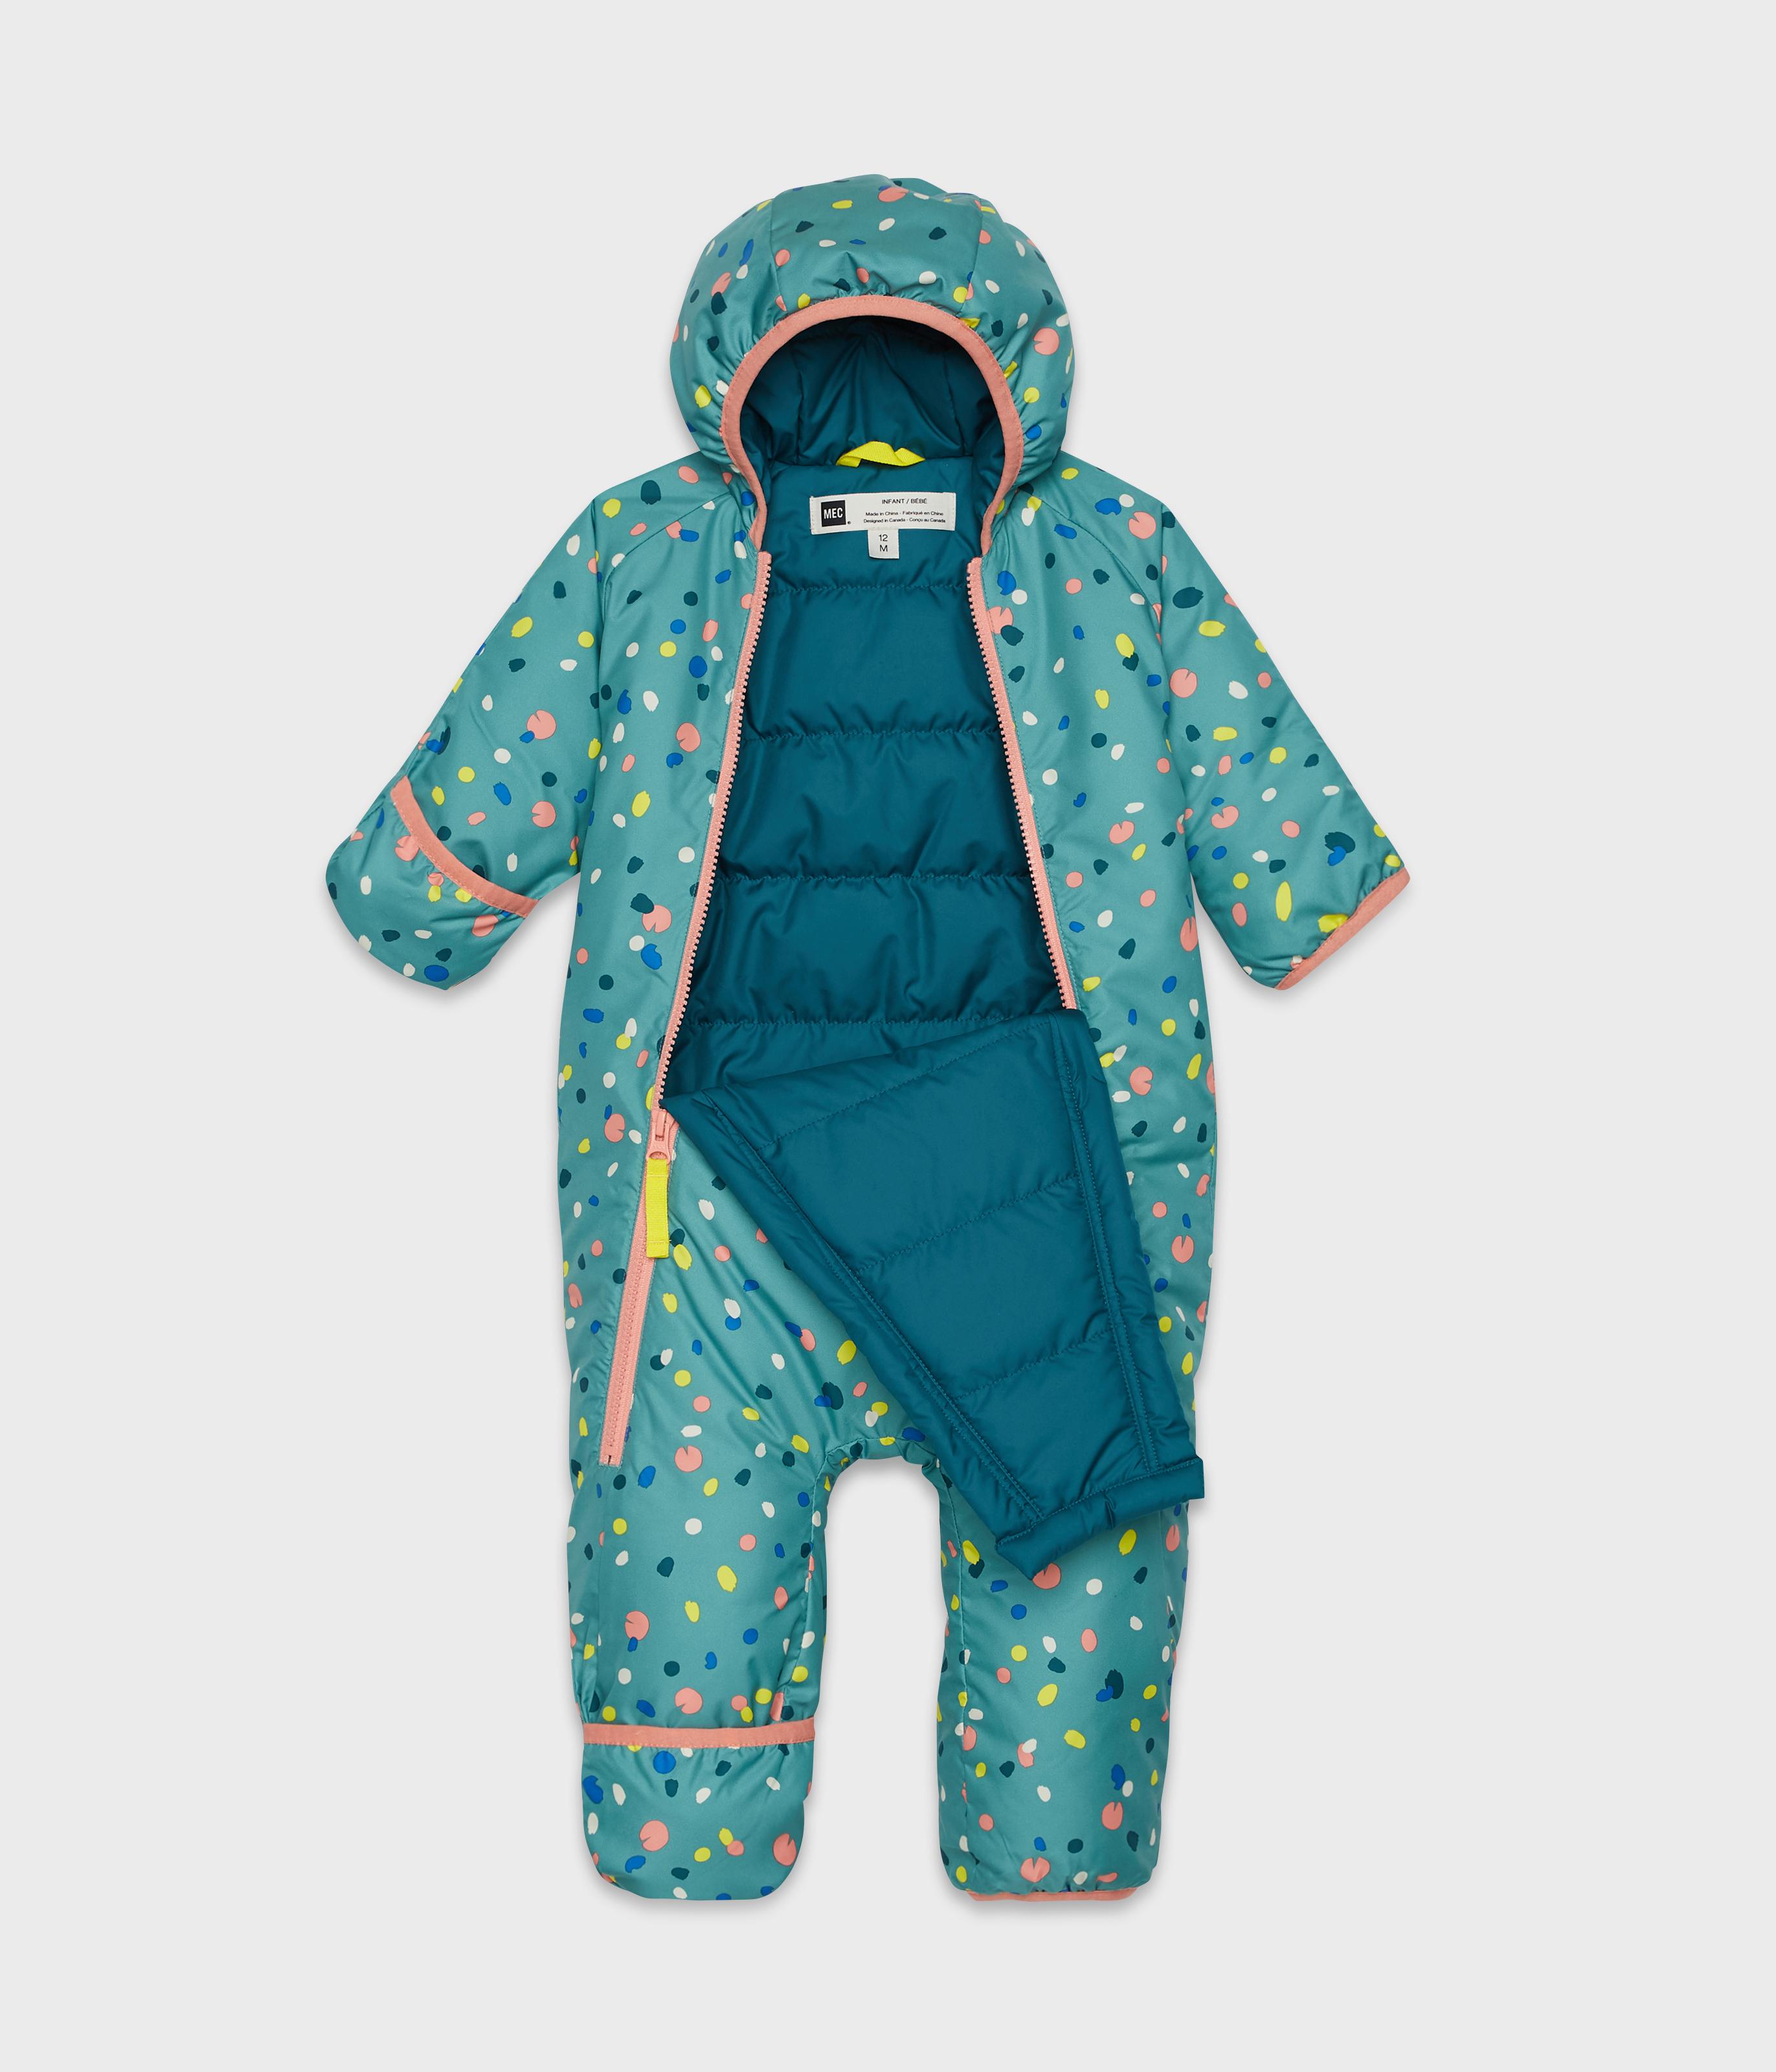 645597d5f3 MEC Bundle Up Bunting Suit - Infants